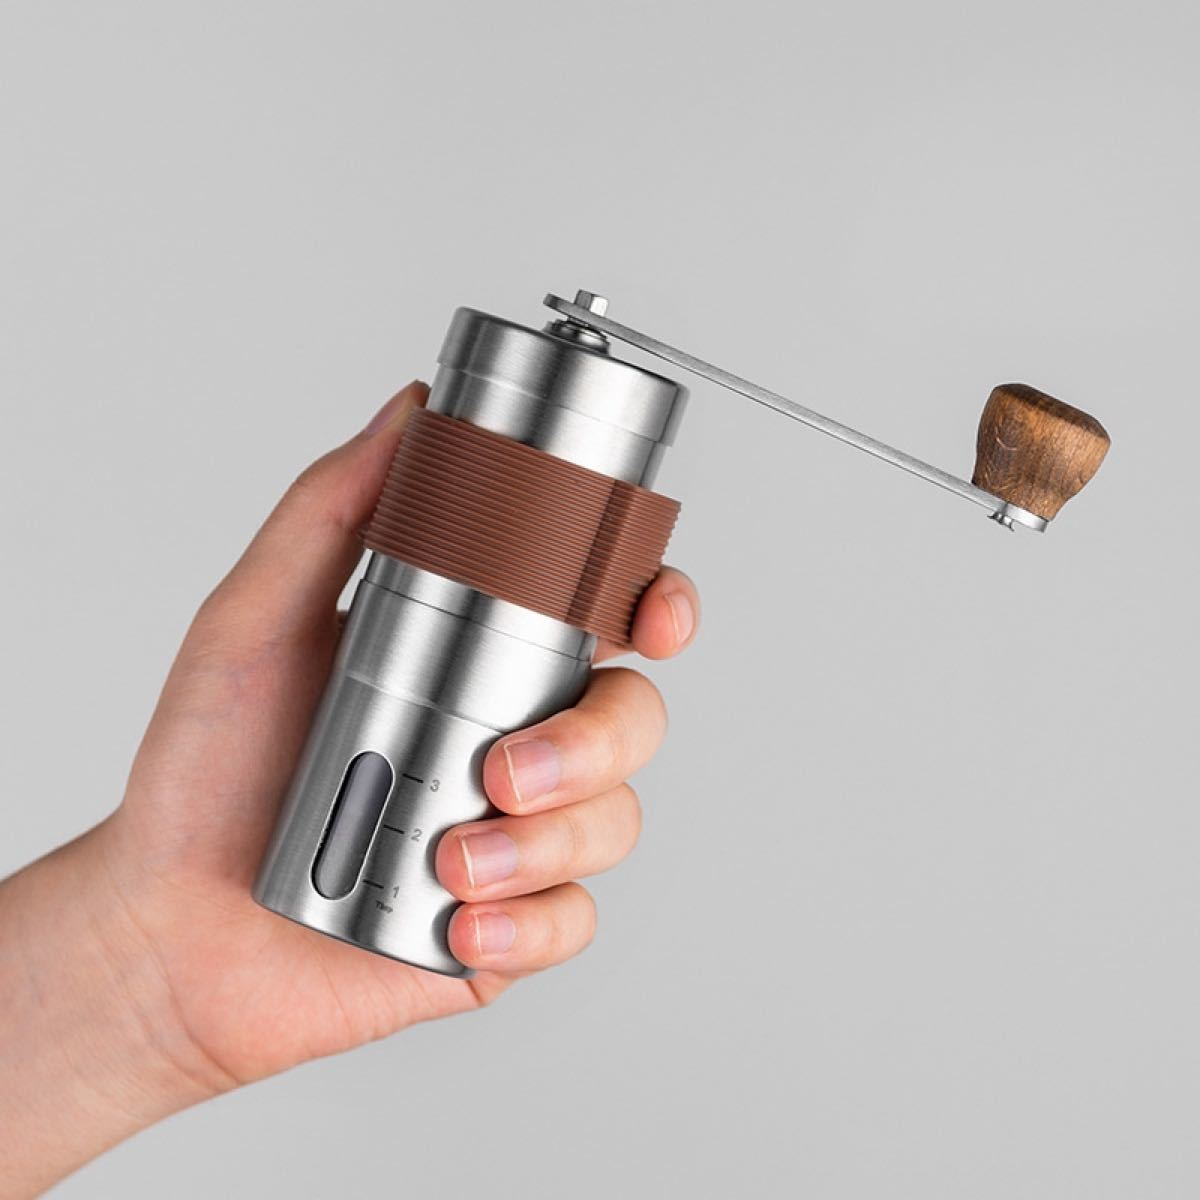 新品 手動粉砕機コーヒー豆メーカー ハンドクランクステンレスグラインダー